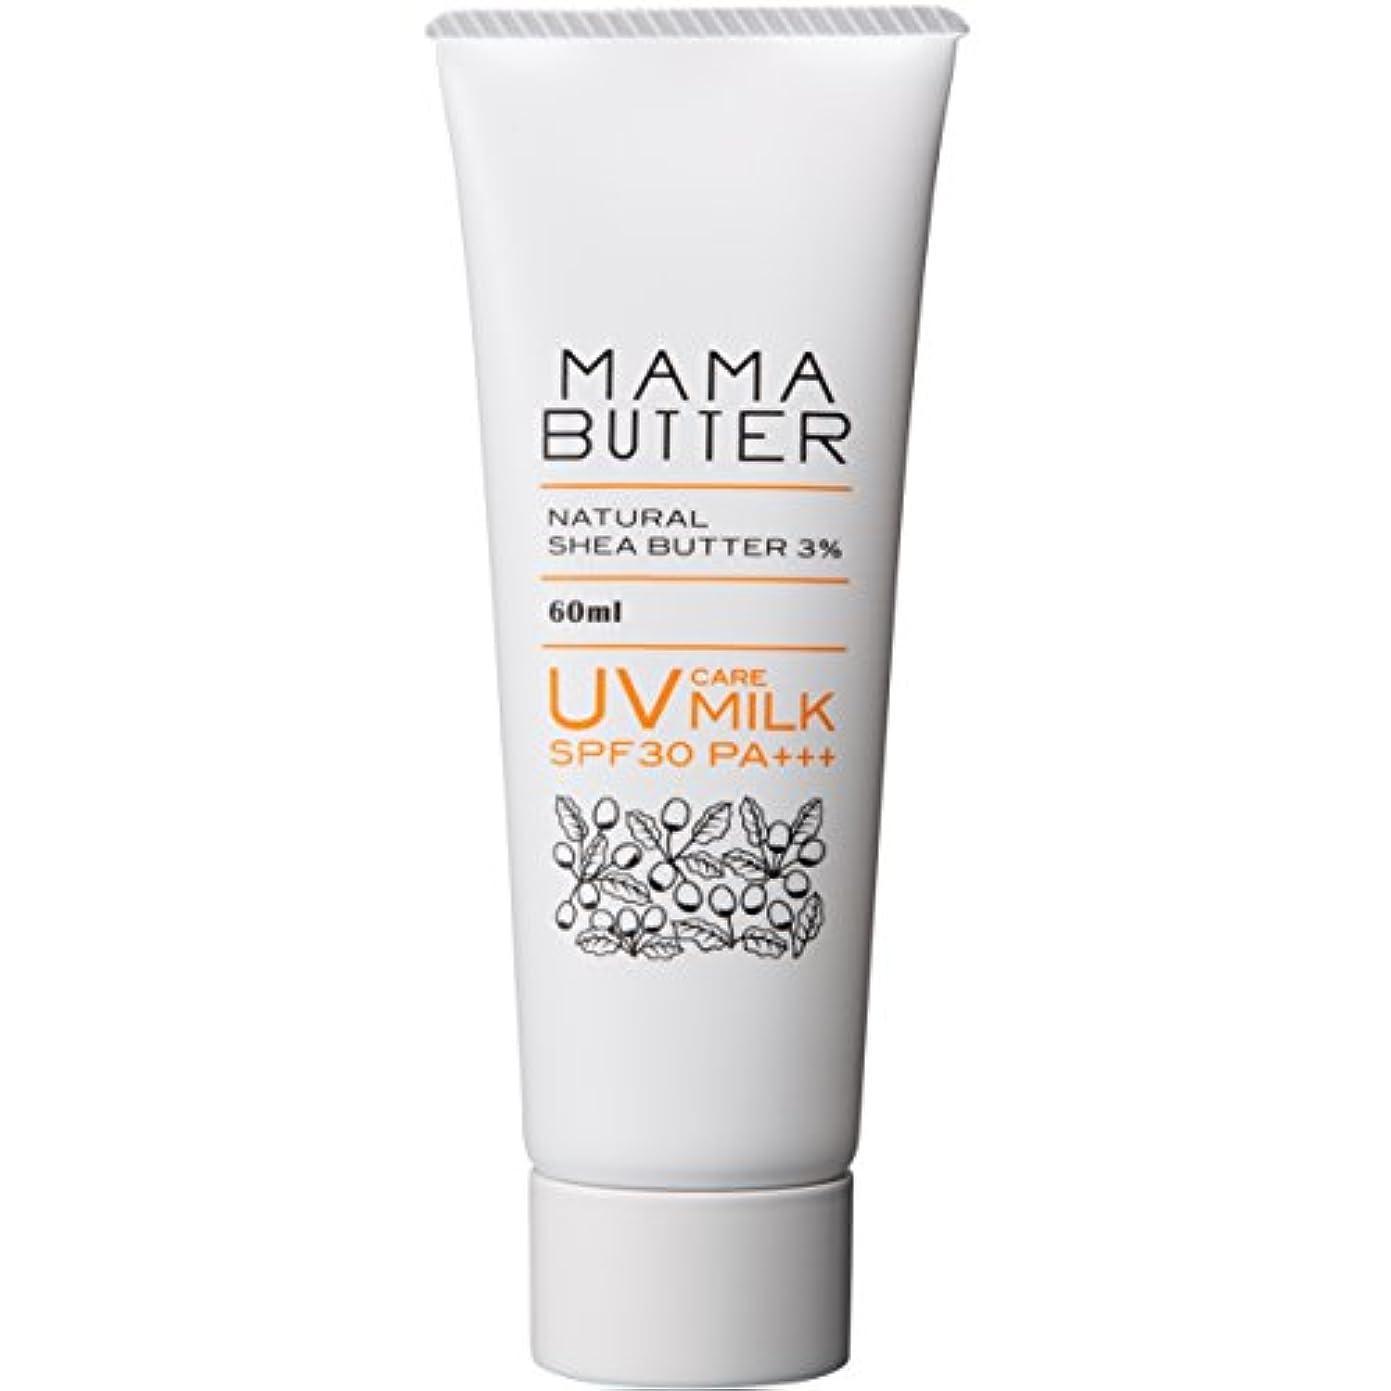 硬さ比べるいまママバター UVケアミルク SPF30 PA+++ 60ml